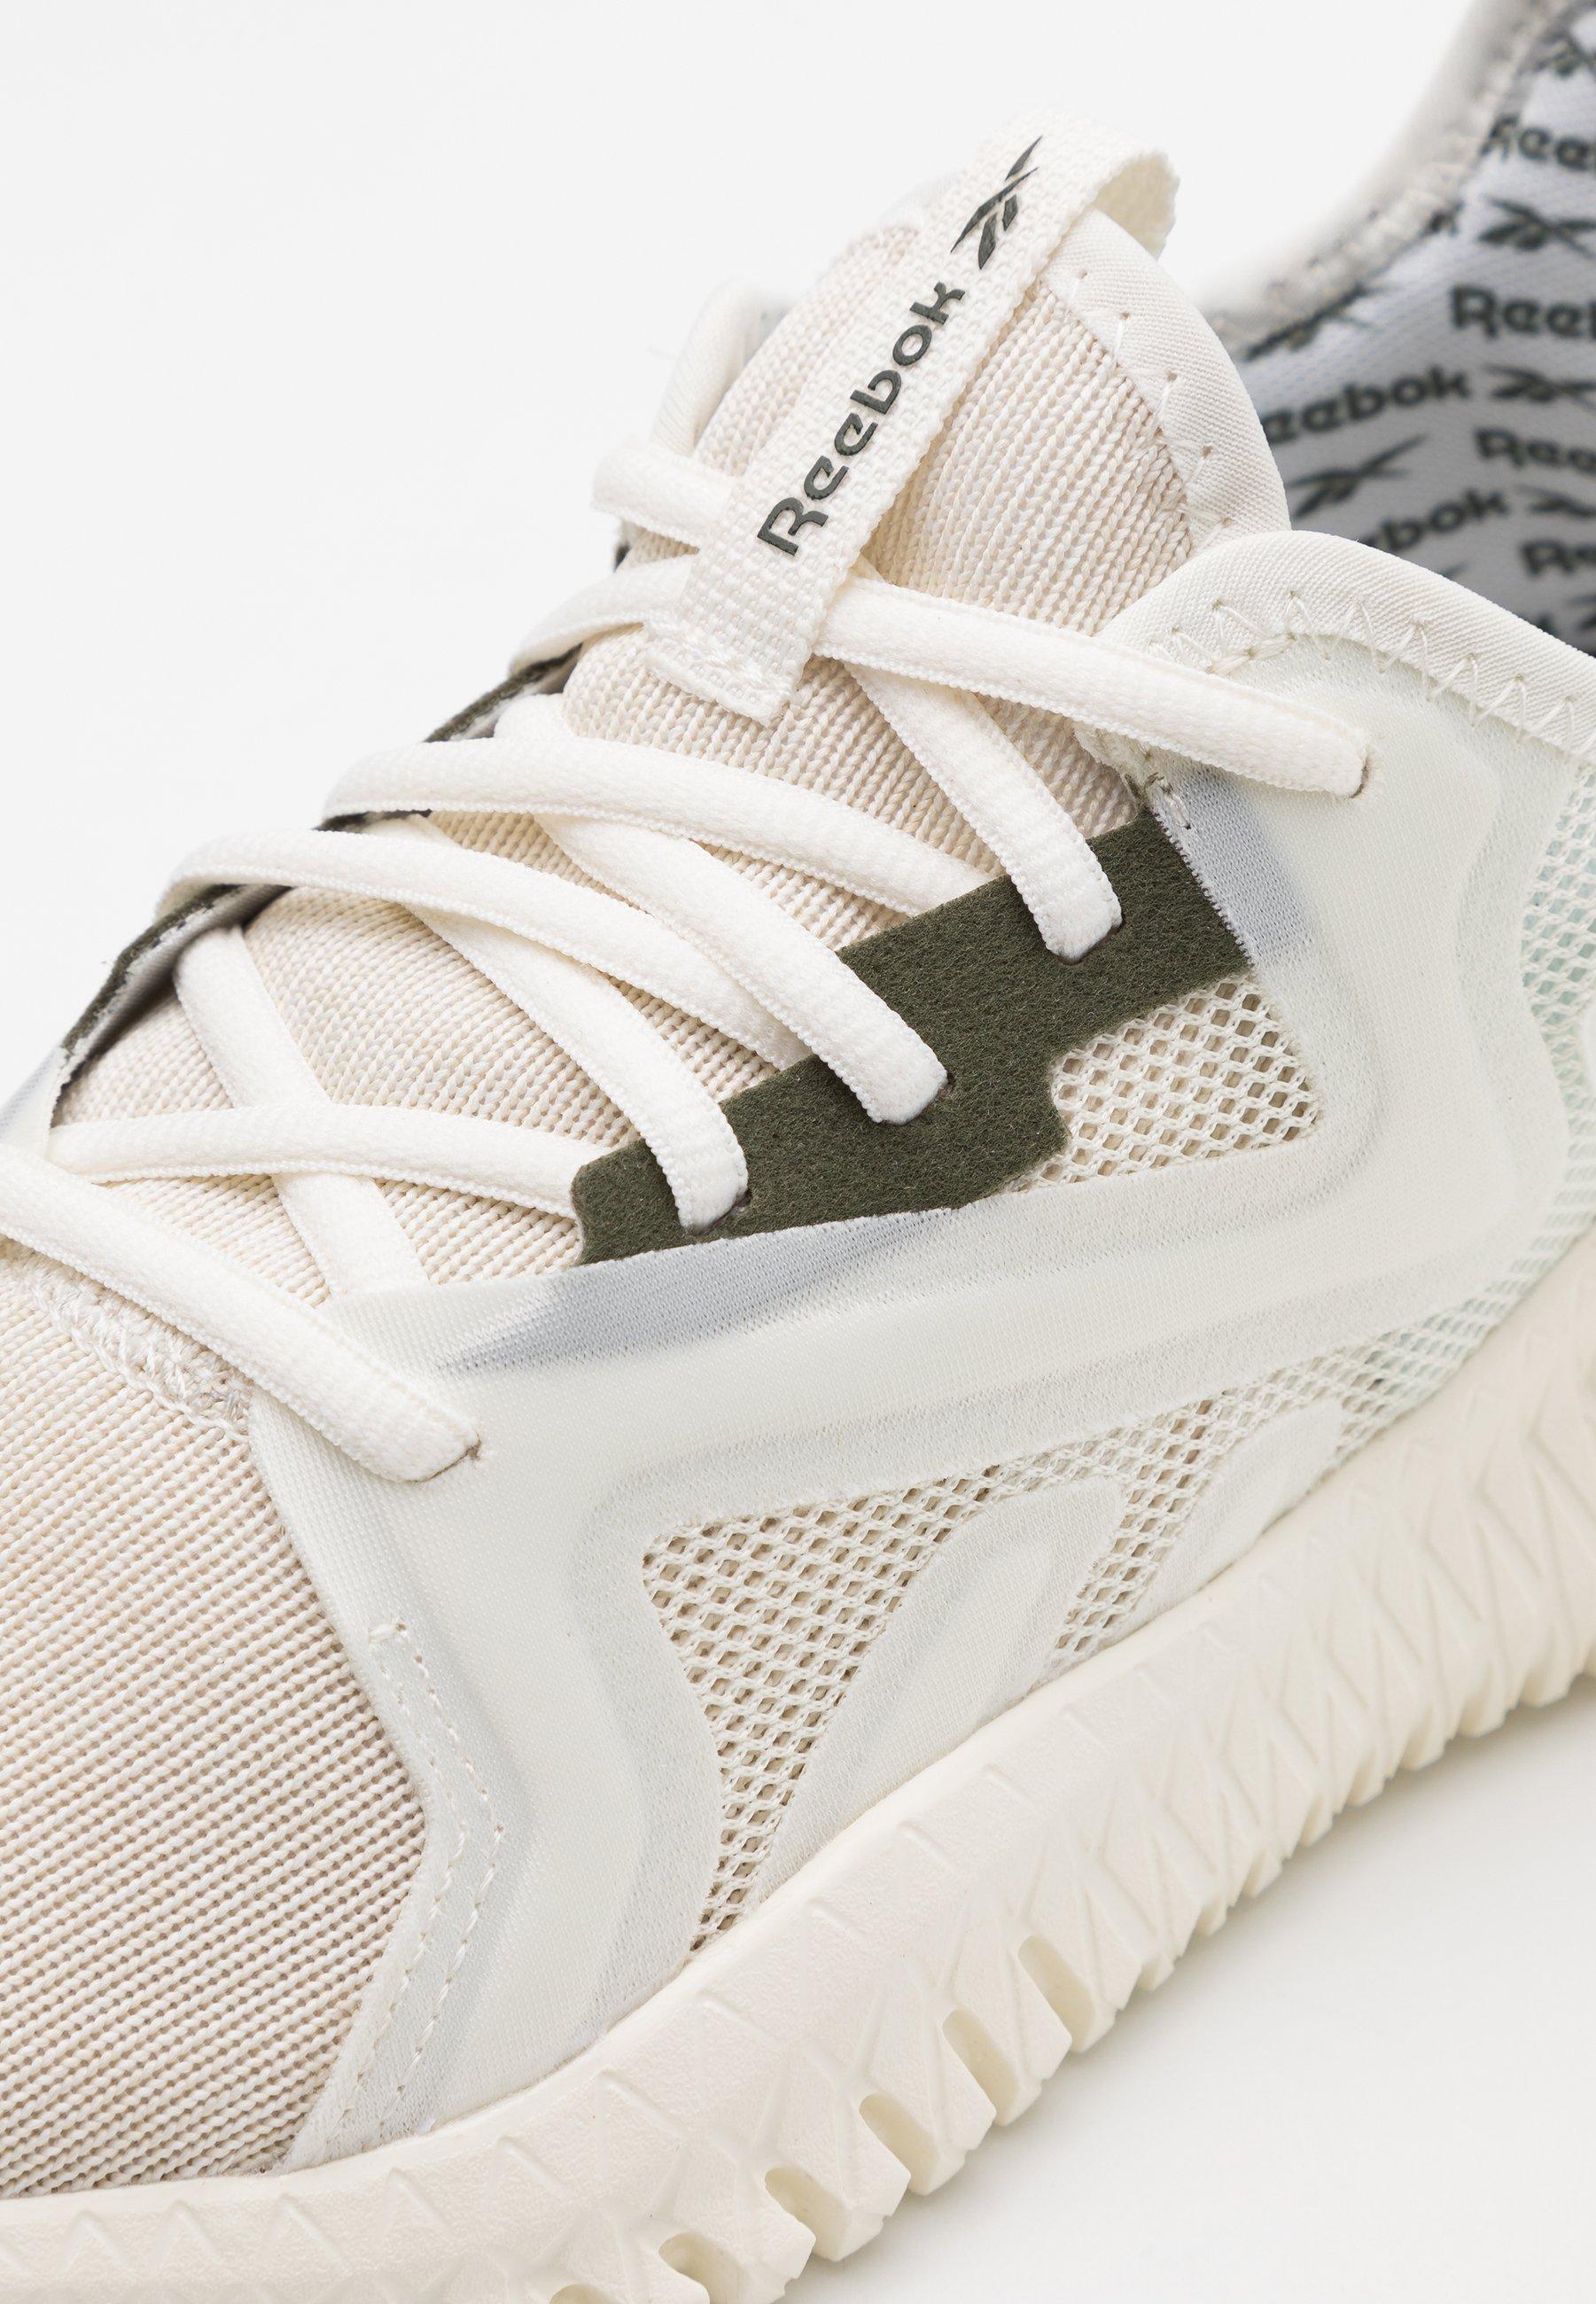 FLEXAGON 3.0 Chaussures d'entraînement et de fitness chalkpopgreenalabaster